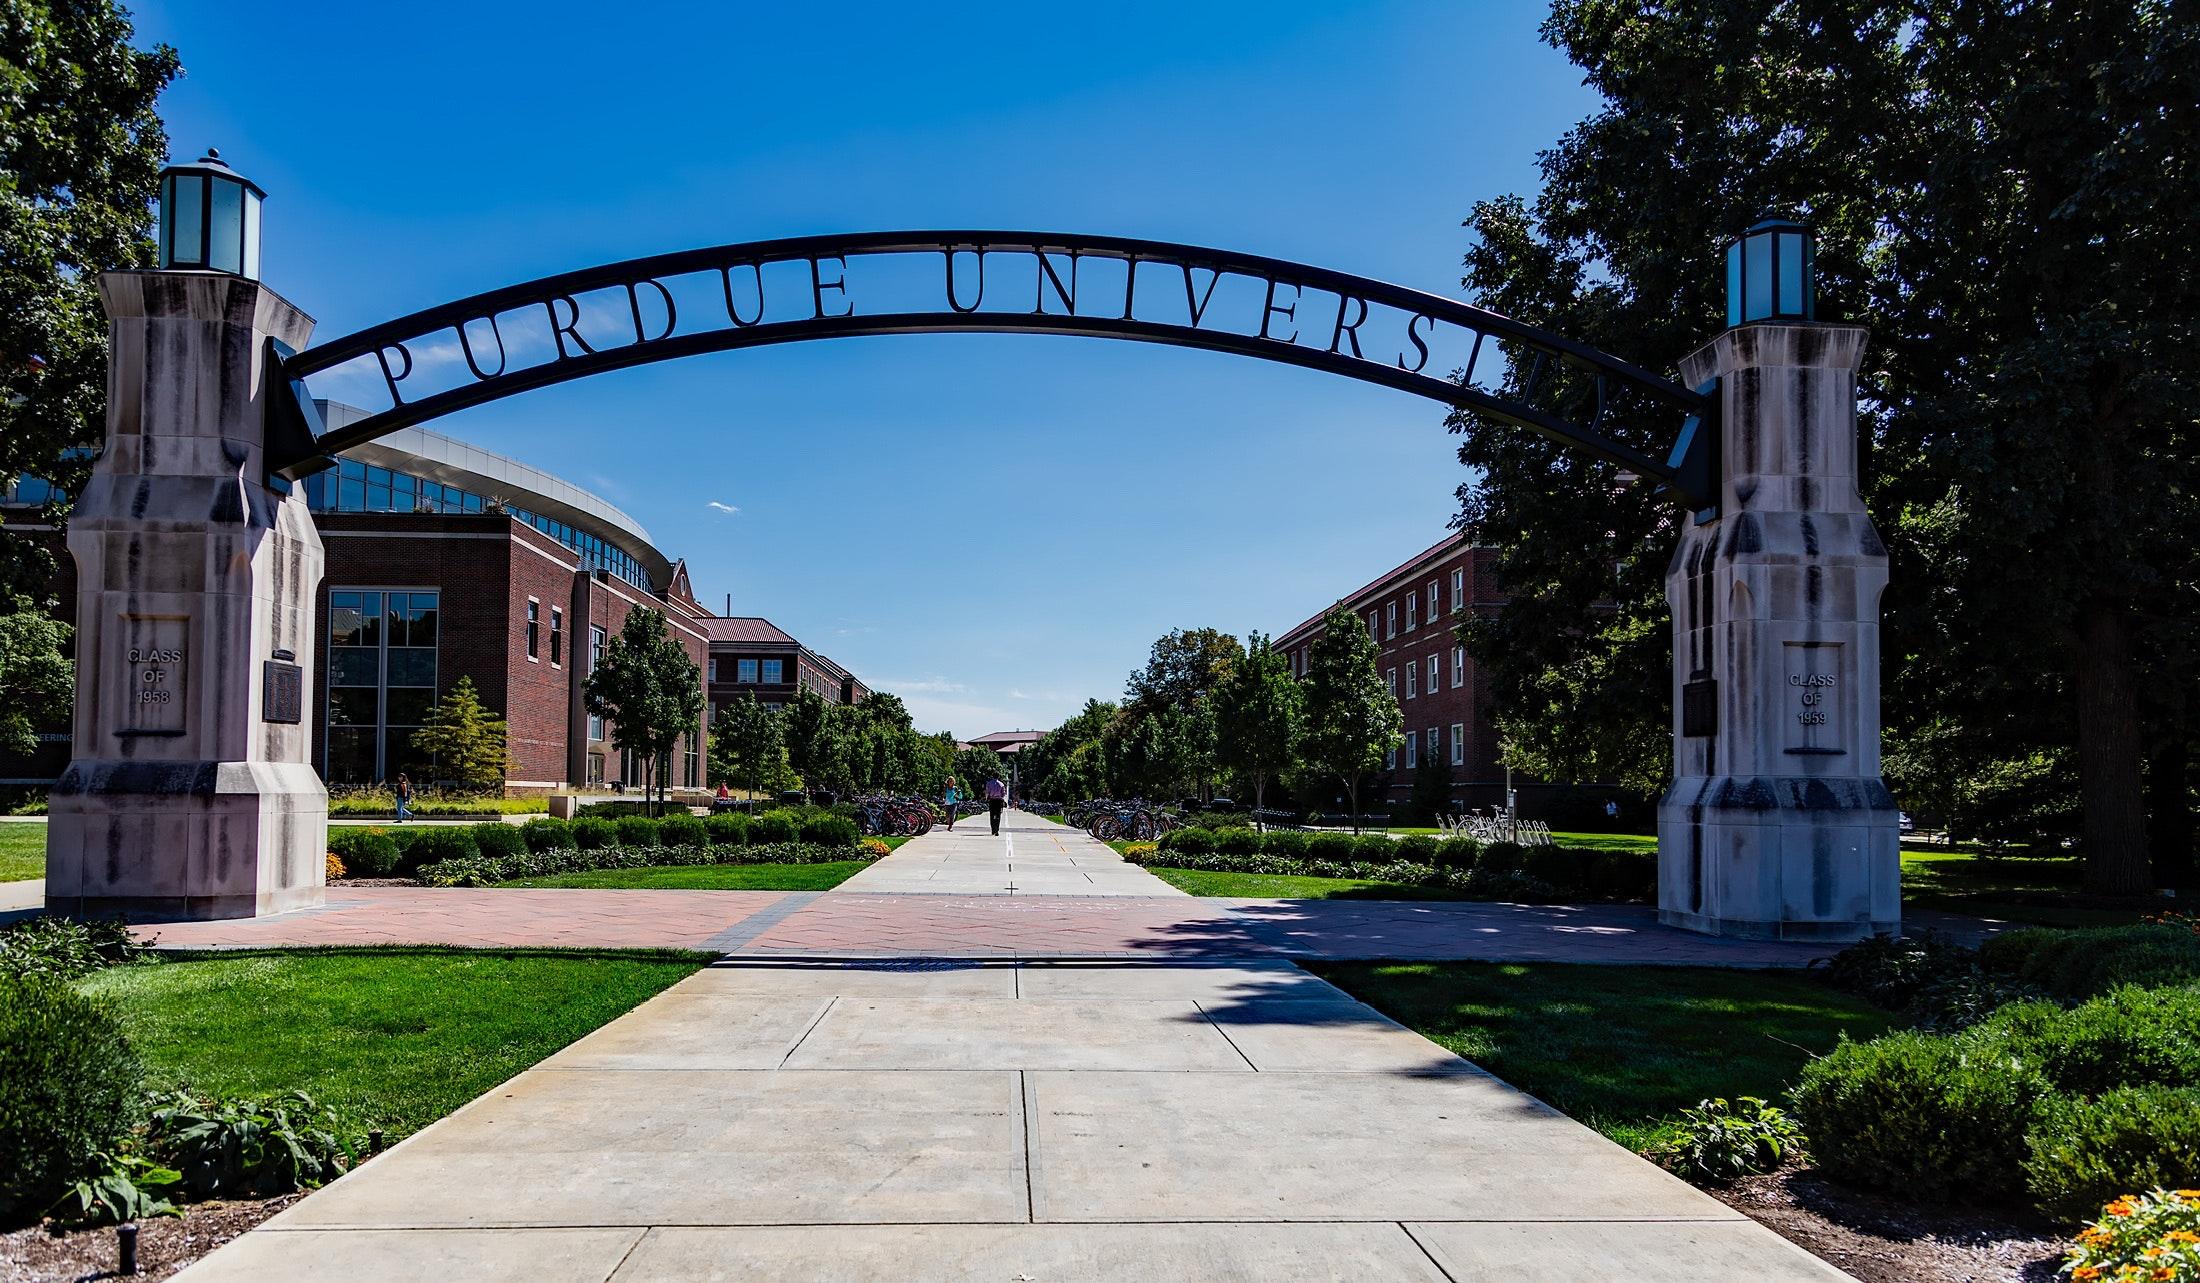 University entrance arch photo